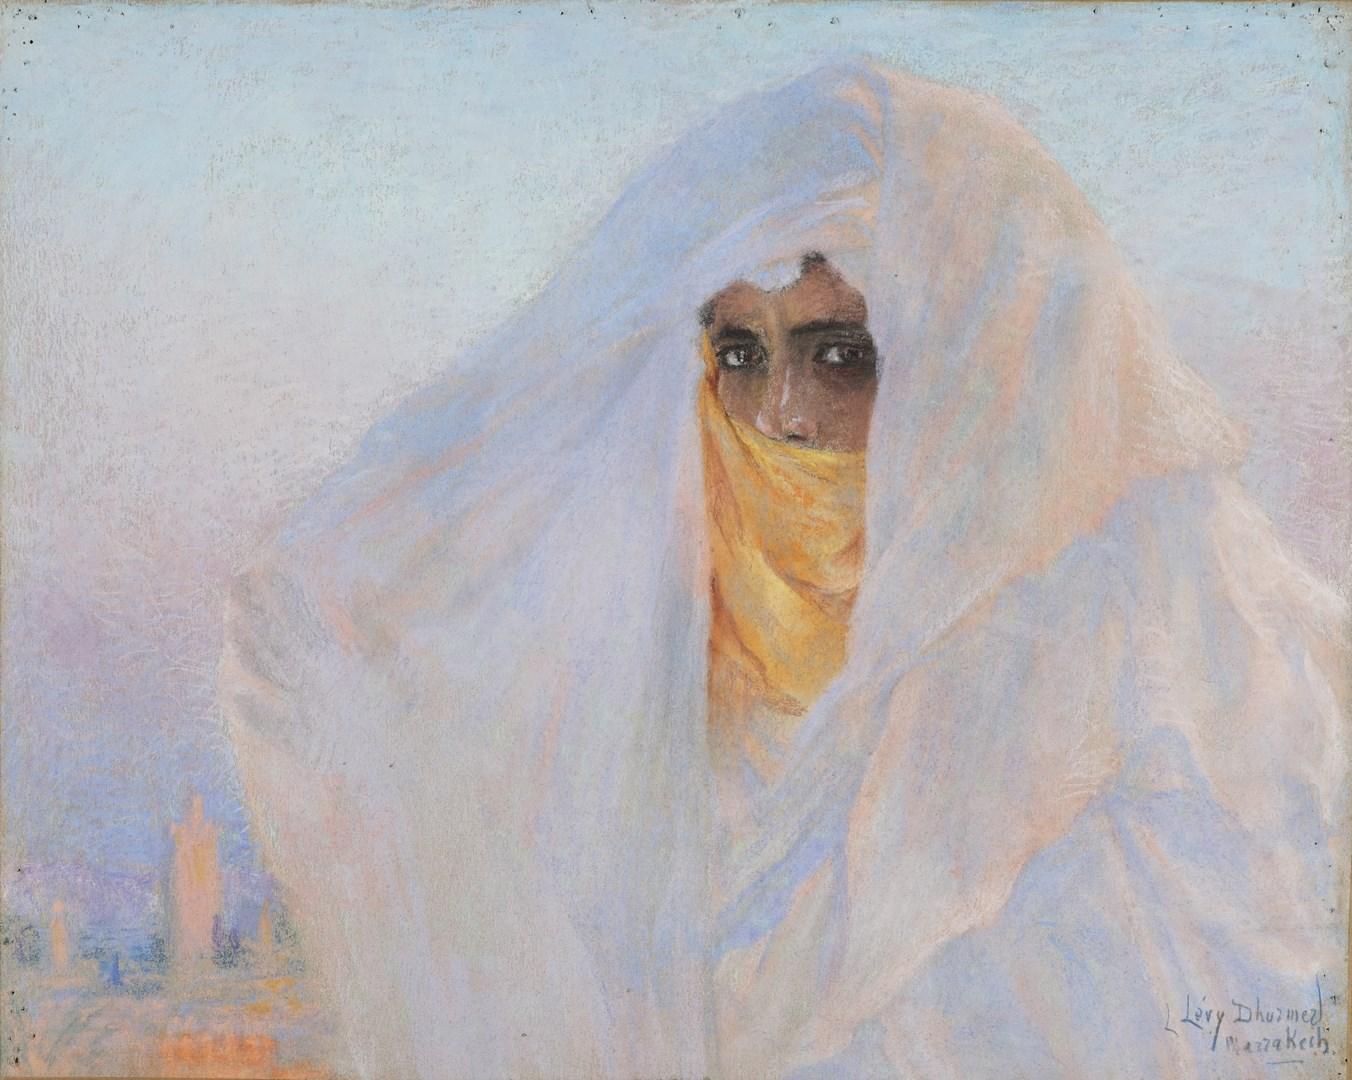 Восточная женщина в вуали, Марракеш (Orientale au voile, Marrakech)_50.5 х 62_бумага, пастель_Частное собрание.jpg